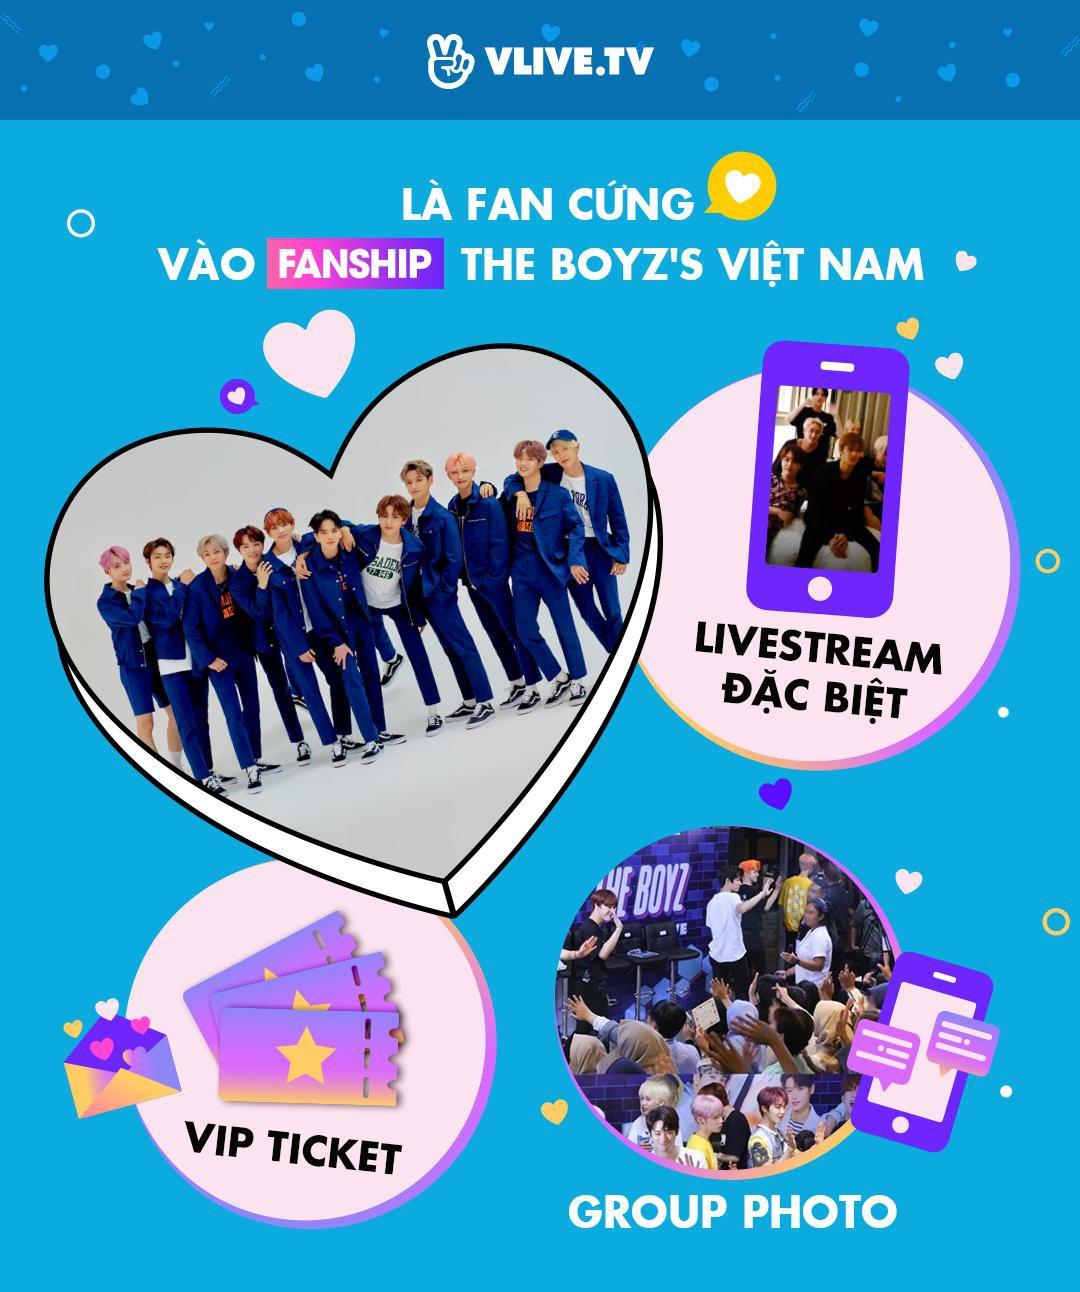 Đến Việt Nam lần 2, The Boyz mang gì tặng cho fan? - Ảnh 1.